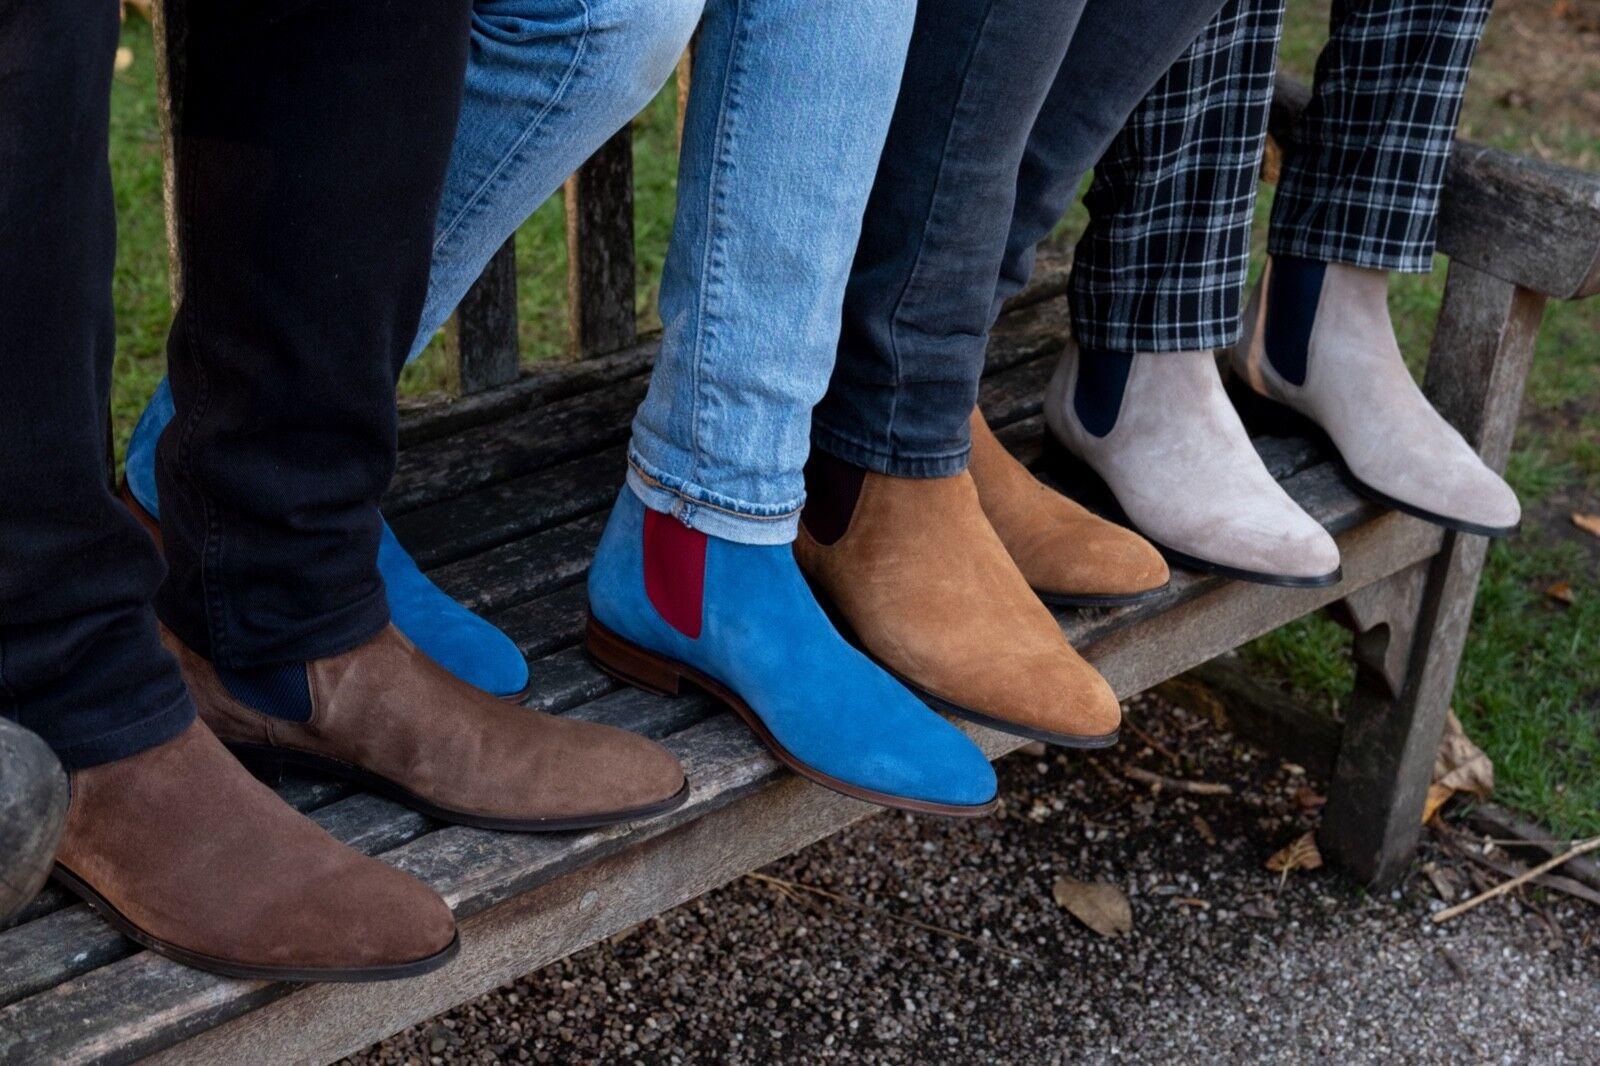 Chelsea botas tan, Borgoña Elástico Elástico Elástico Talla 13 por Chelsea y botae 6f473f